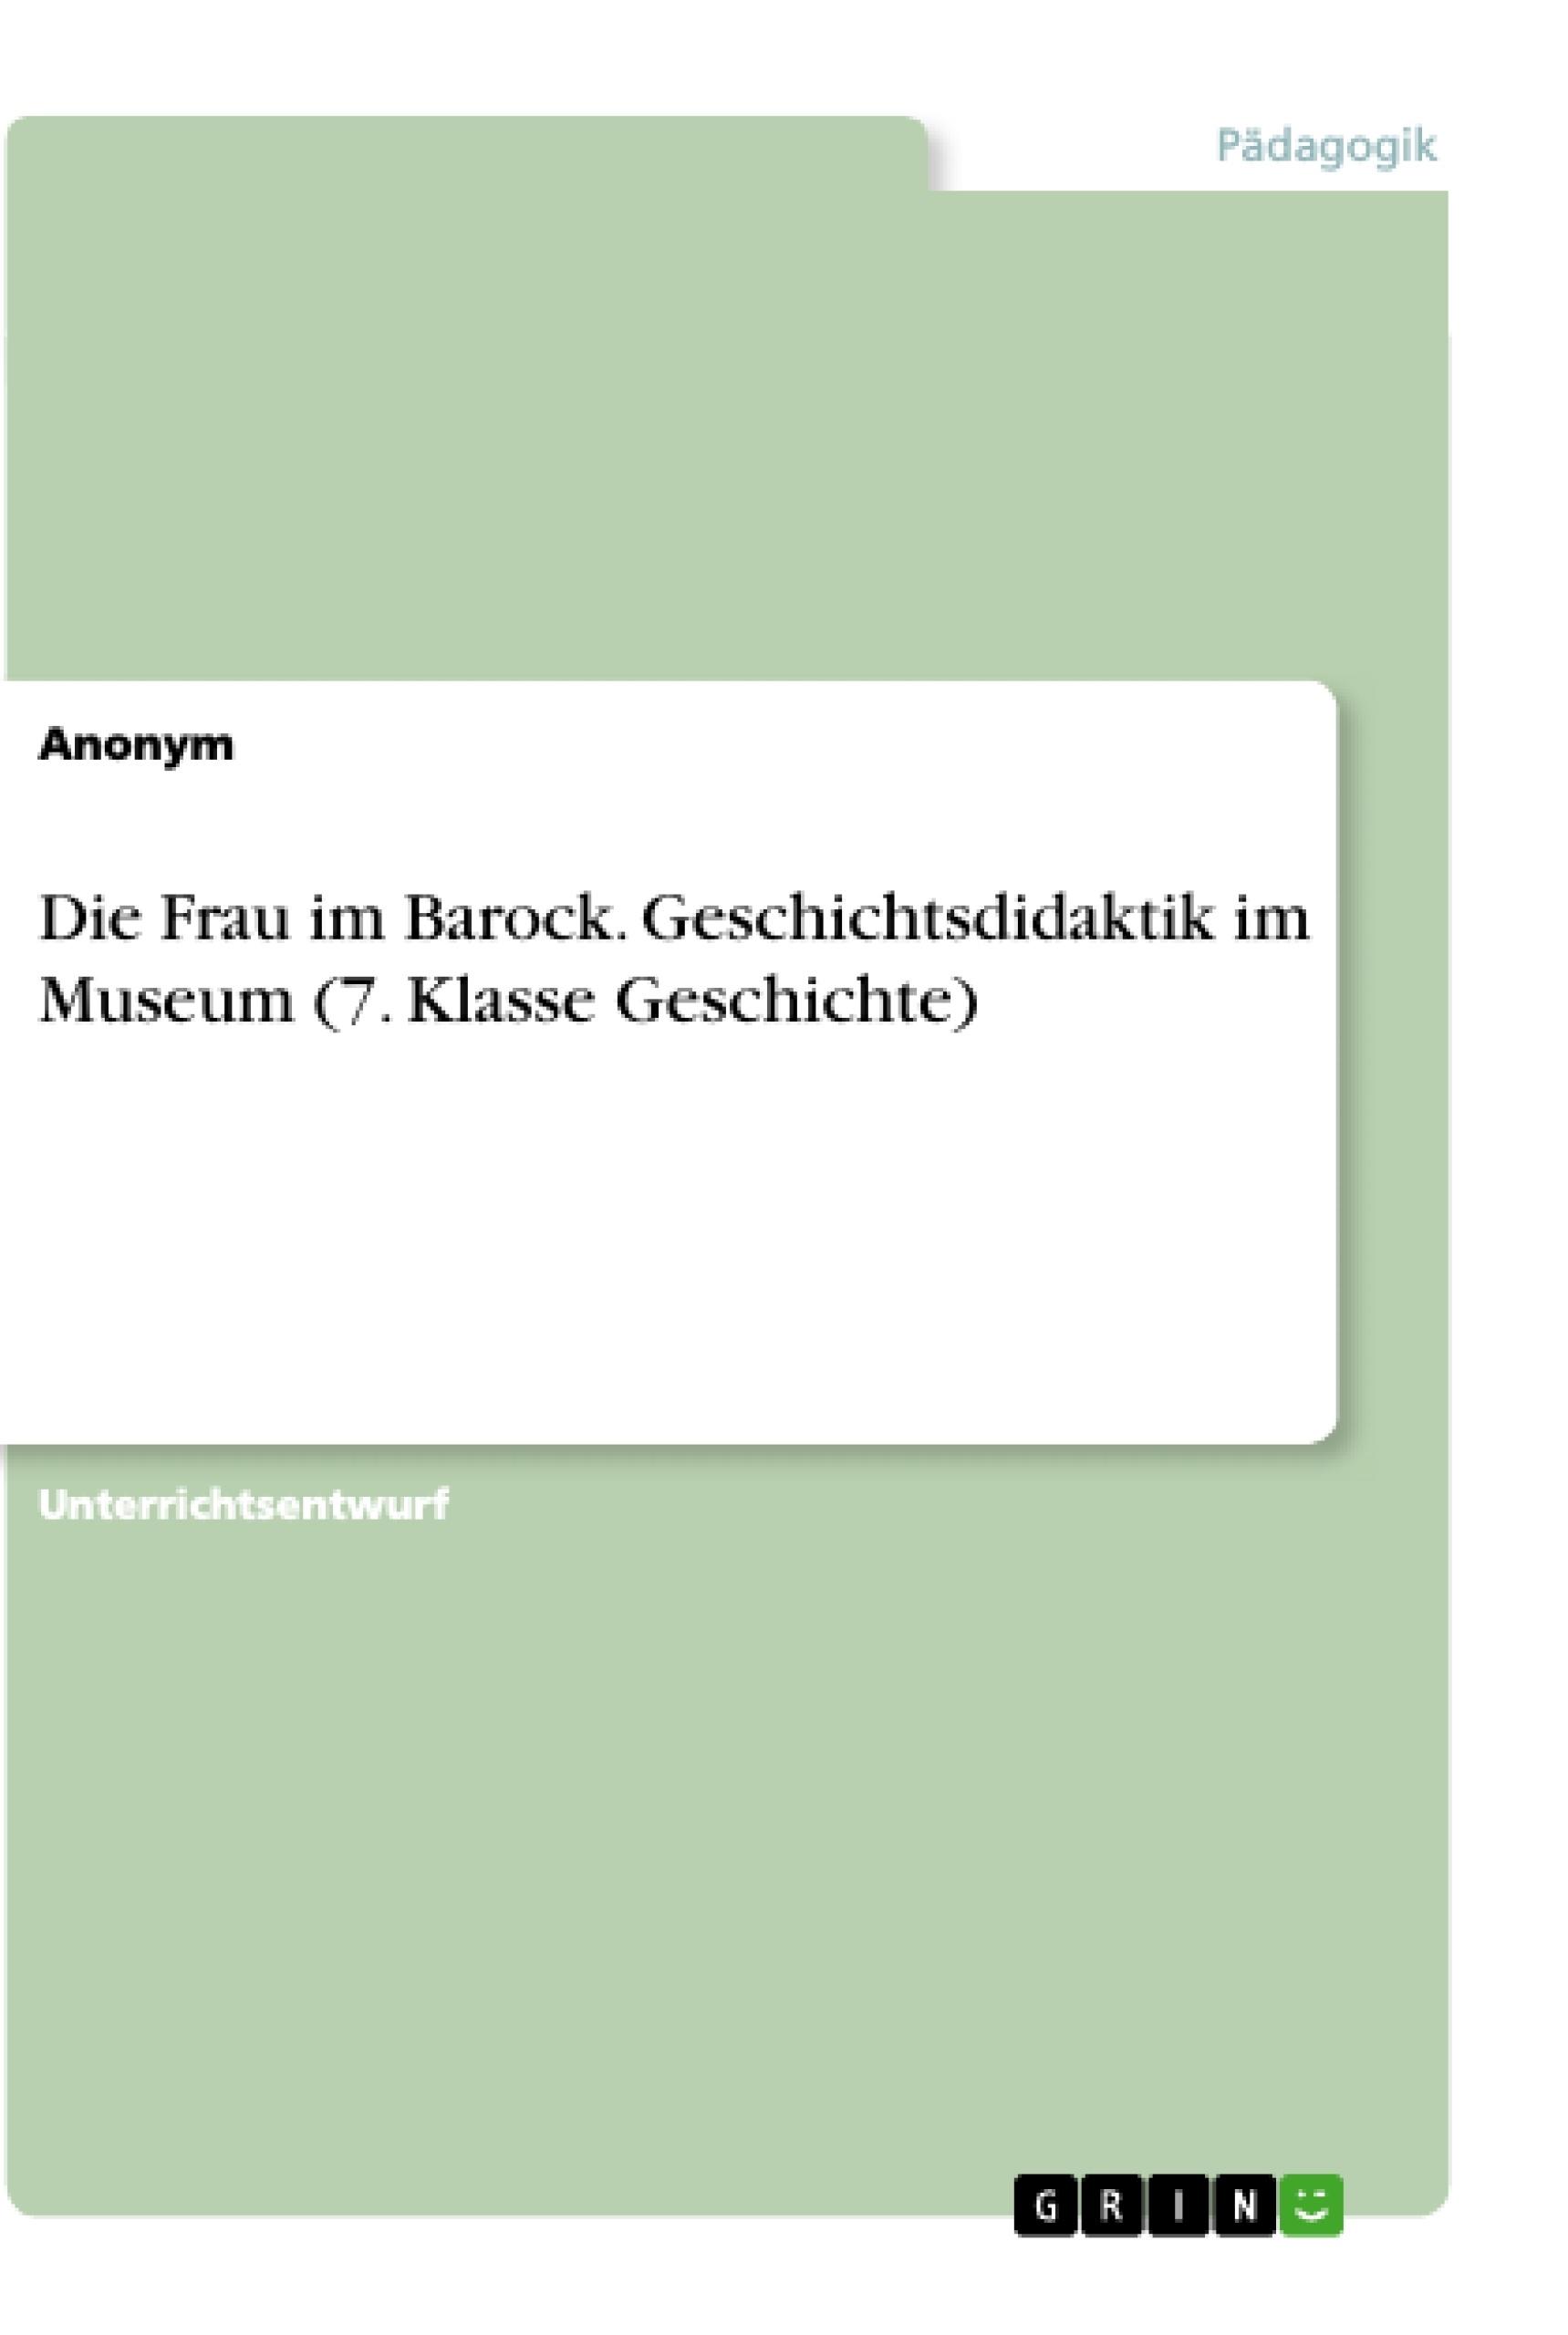 Titel: Die Frau im Barock. Geschichtsdidaktik im Museum (7. Klasse Geschichte)